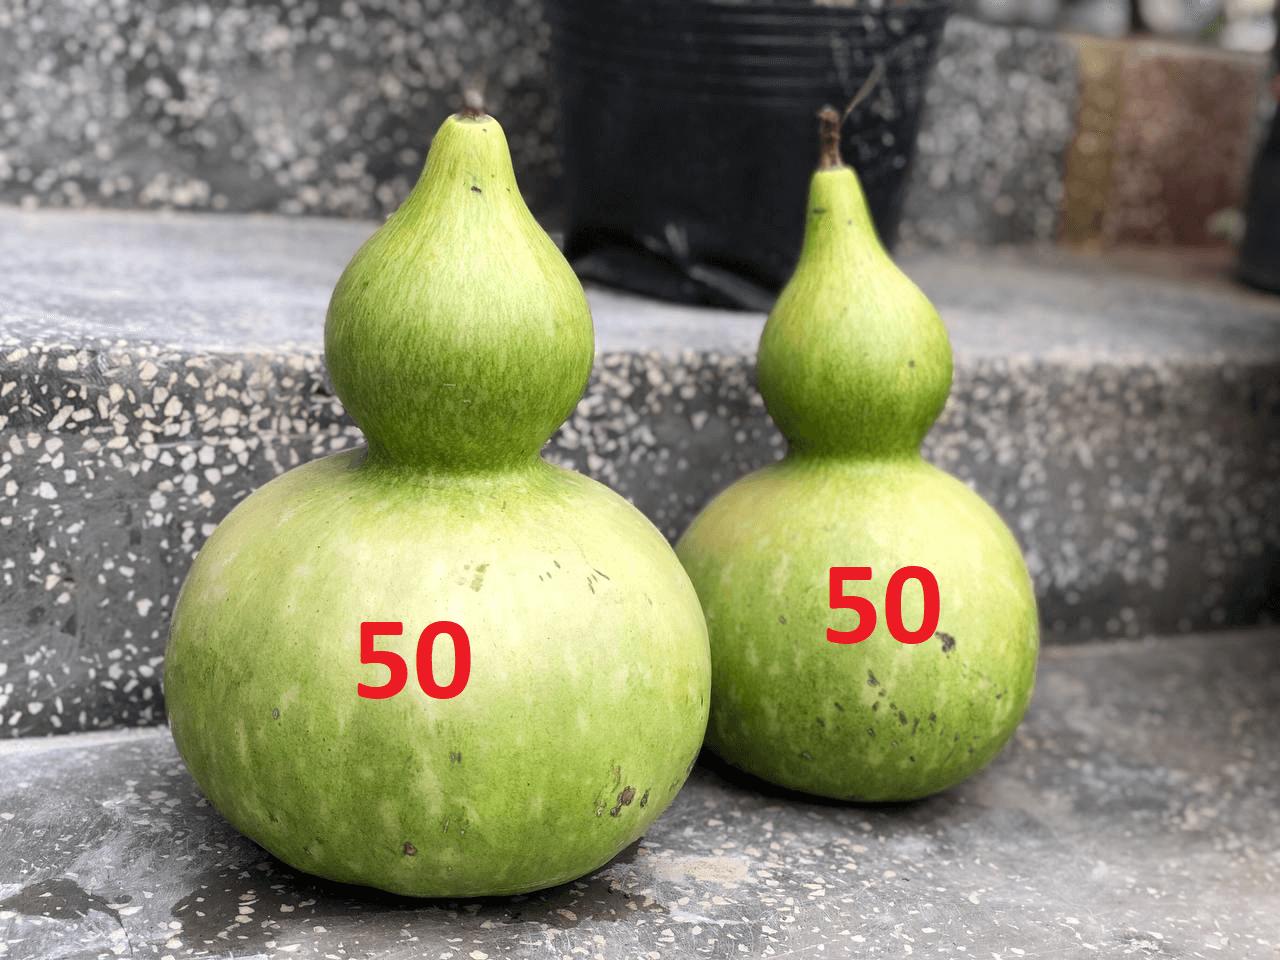 Xac-suat-thang-thua-thi-truong-50-50